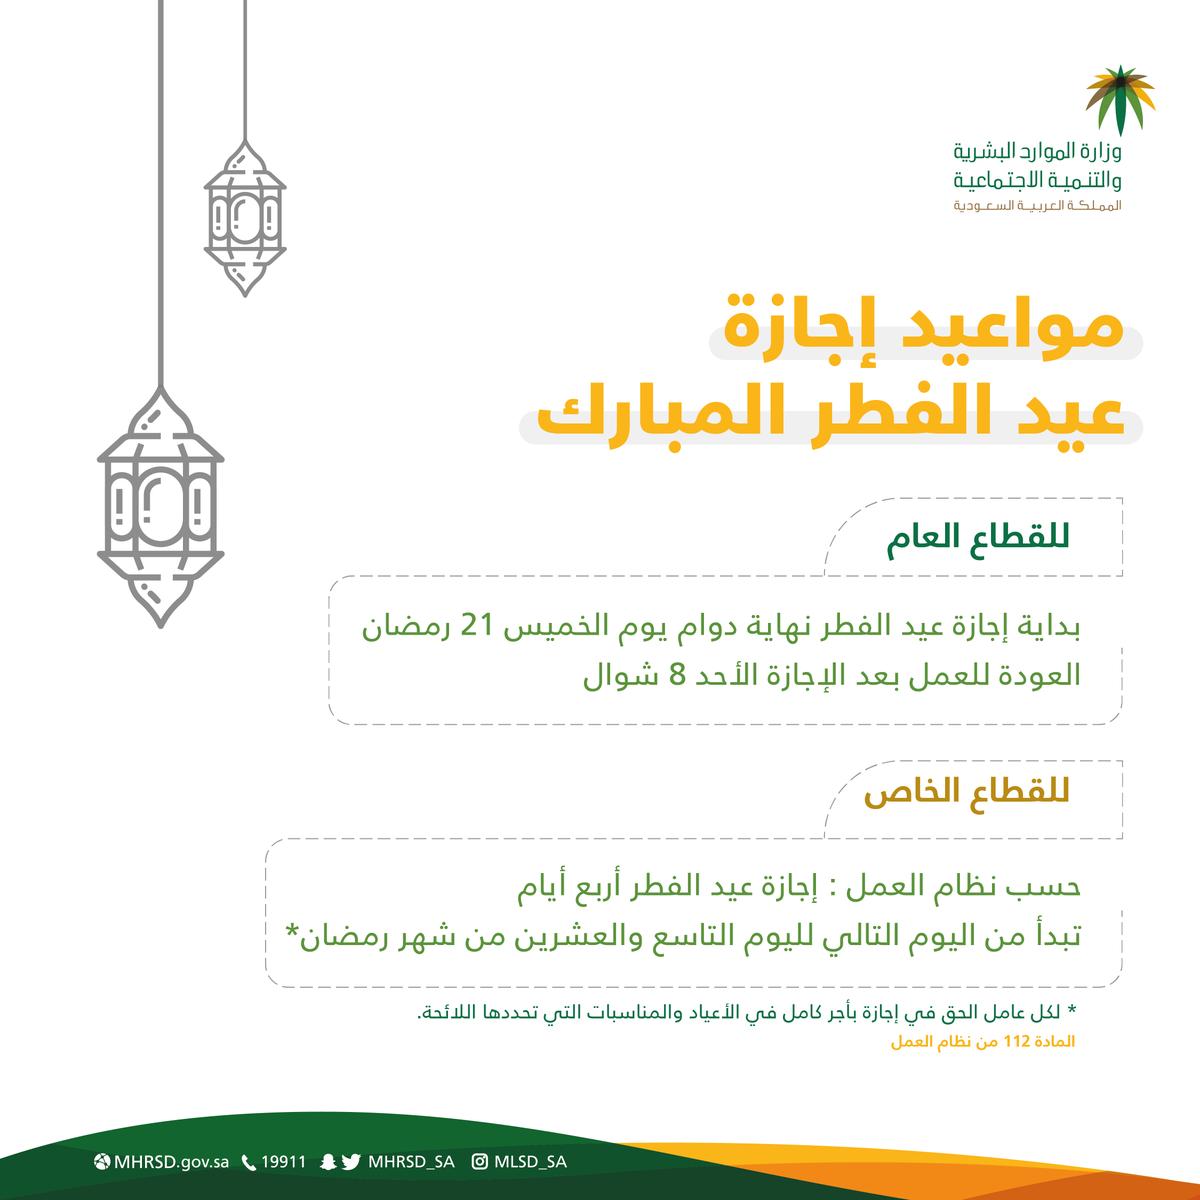 موعد إجازة عيد الفطر في القطاع الخاص